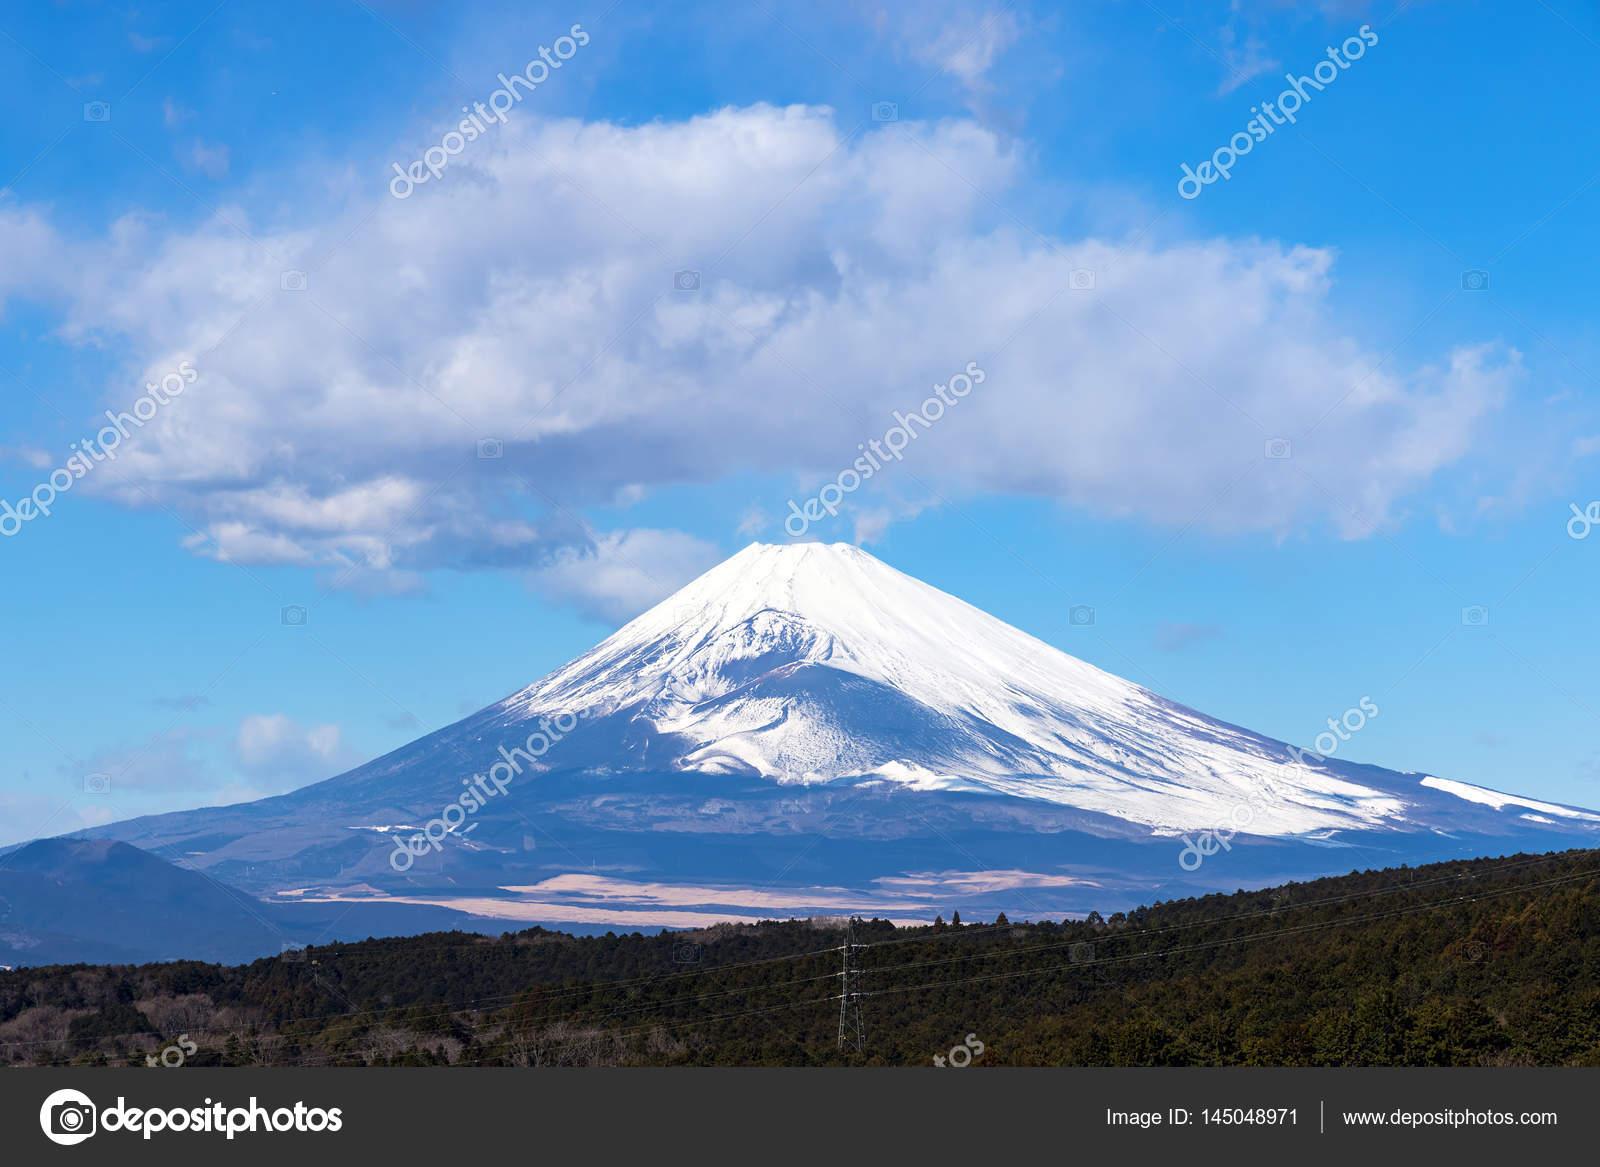 Snowcapped Imágenes De Stock Snowcapped Fotos De Stock: El Nevado Del Monte Fuji En Invierno